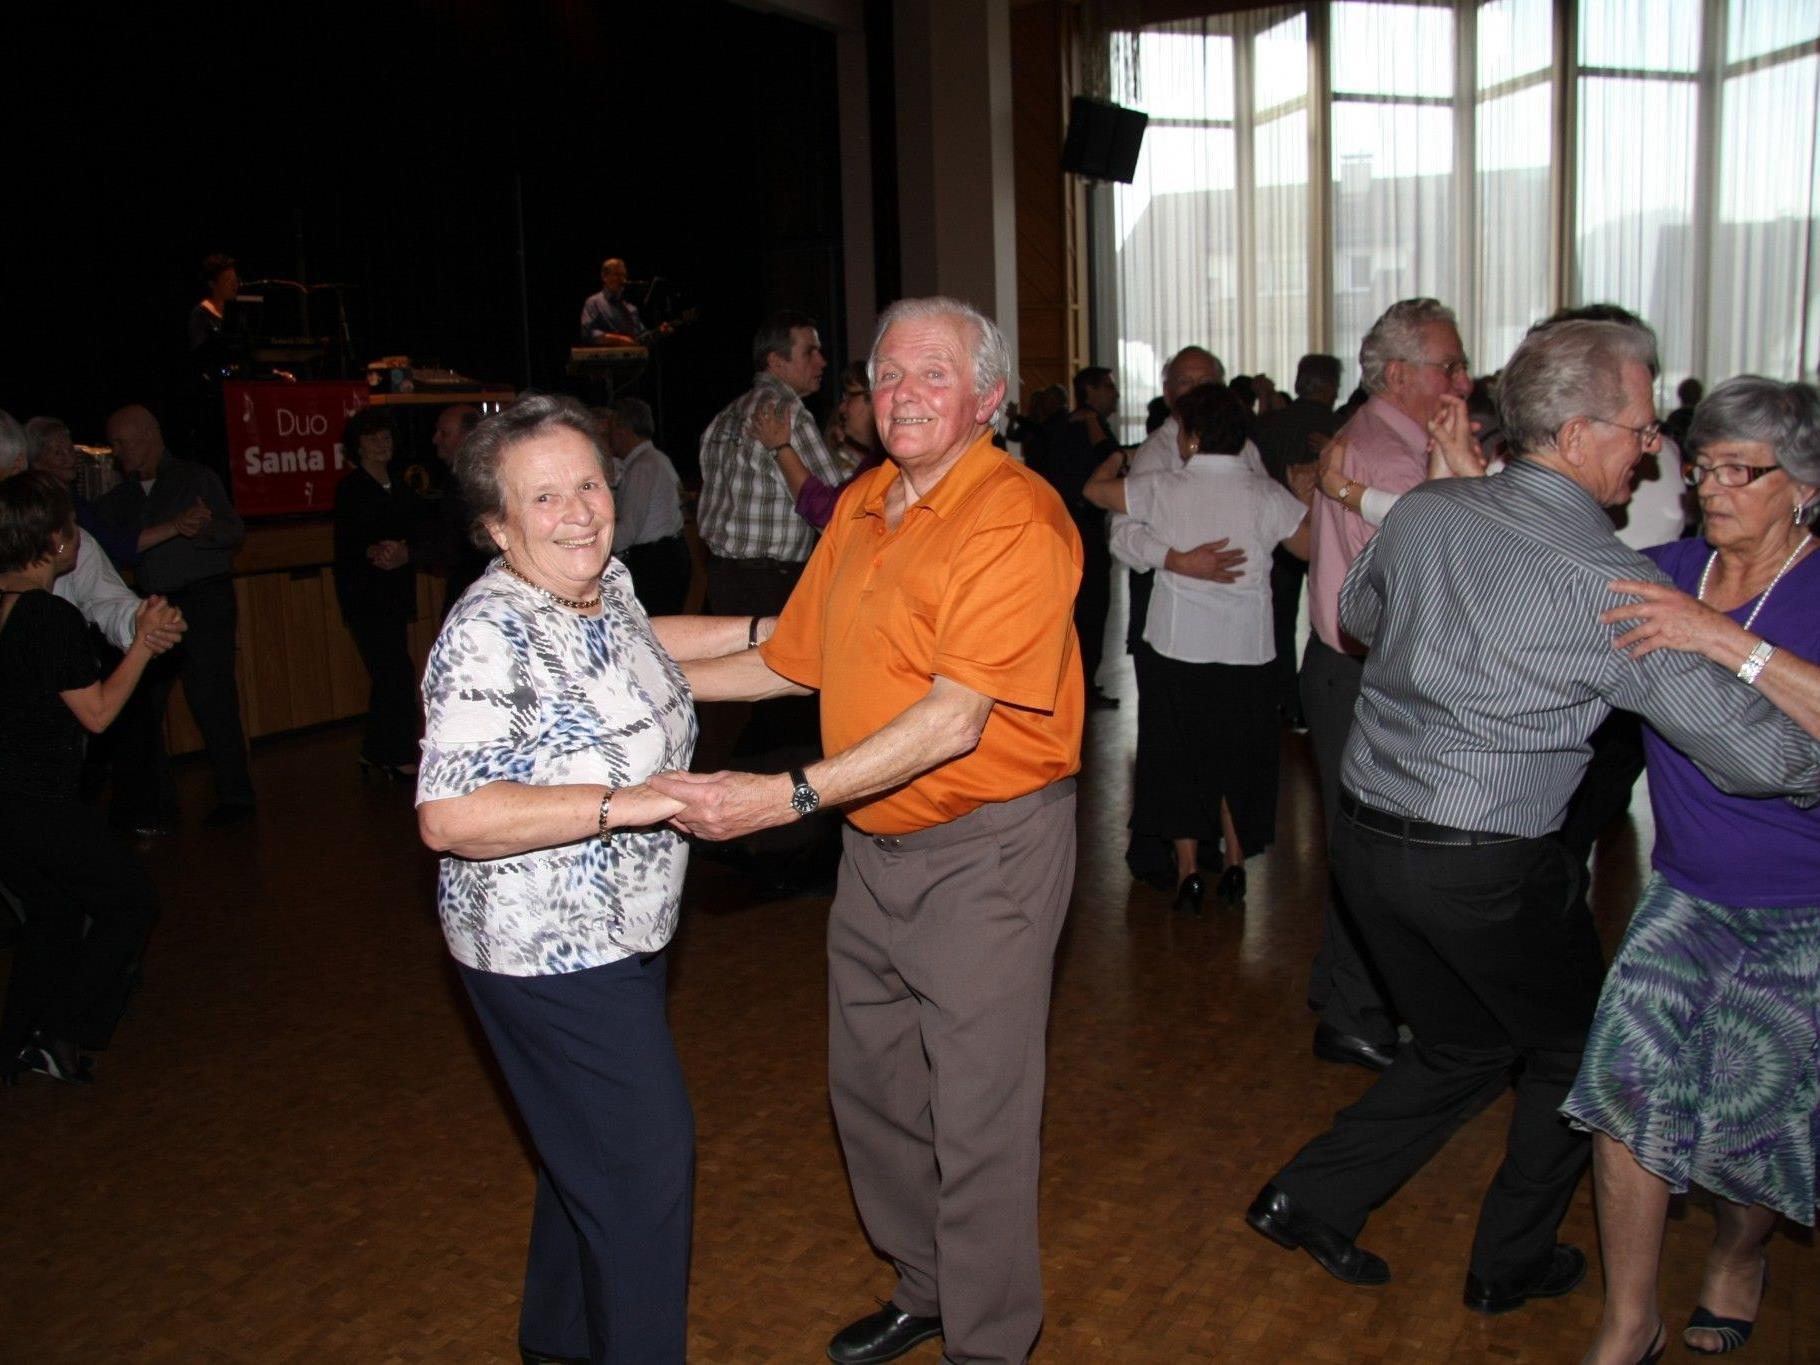 Der Seniorenring lädt zum Tanzen.